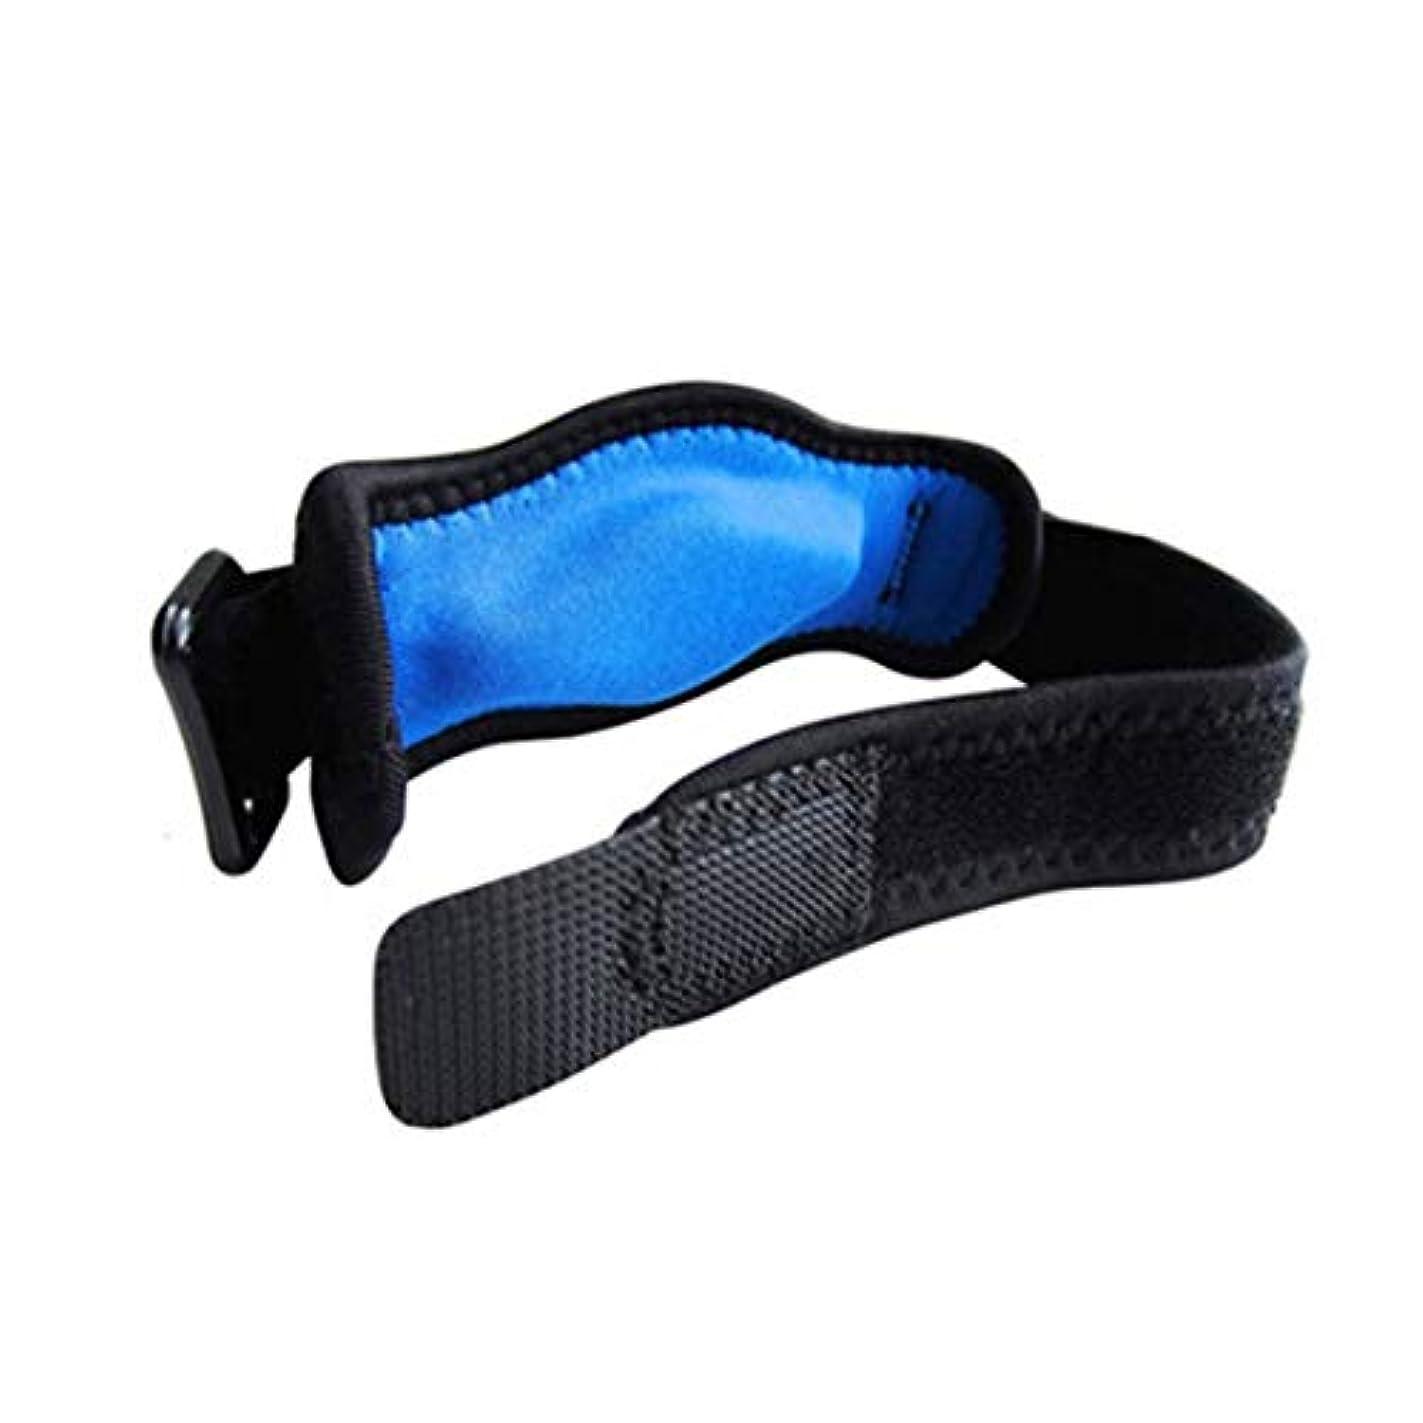 思い出させる許可する差調節可能なテニス肘サポートストラップブレースゴルフ前腕痛み緩和 - 黒